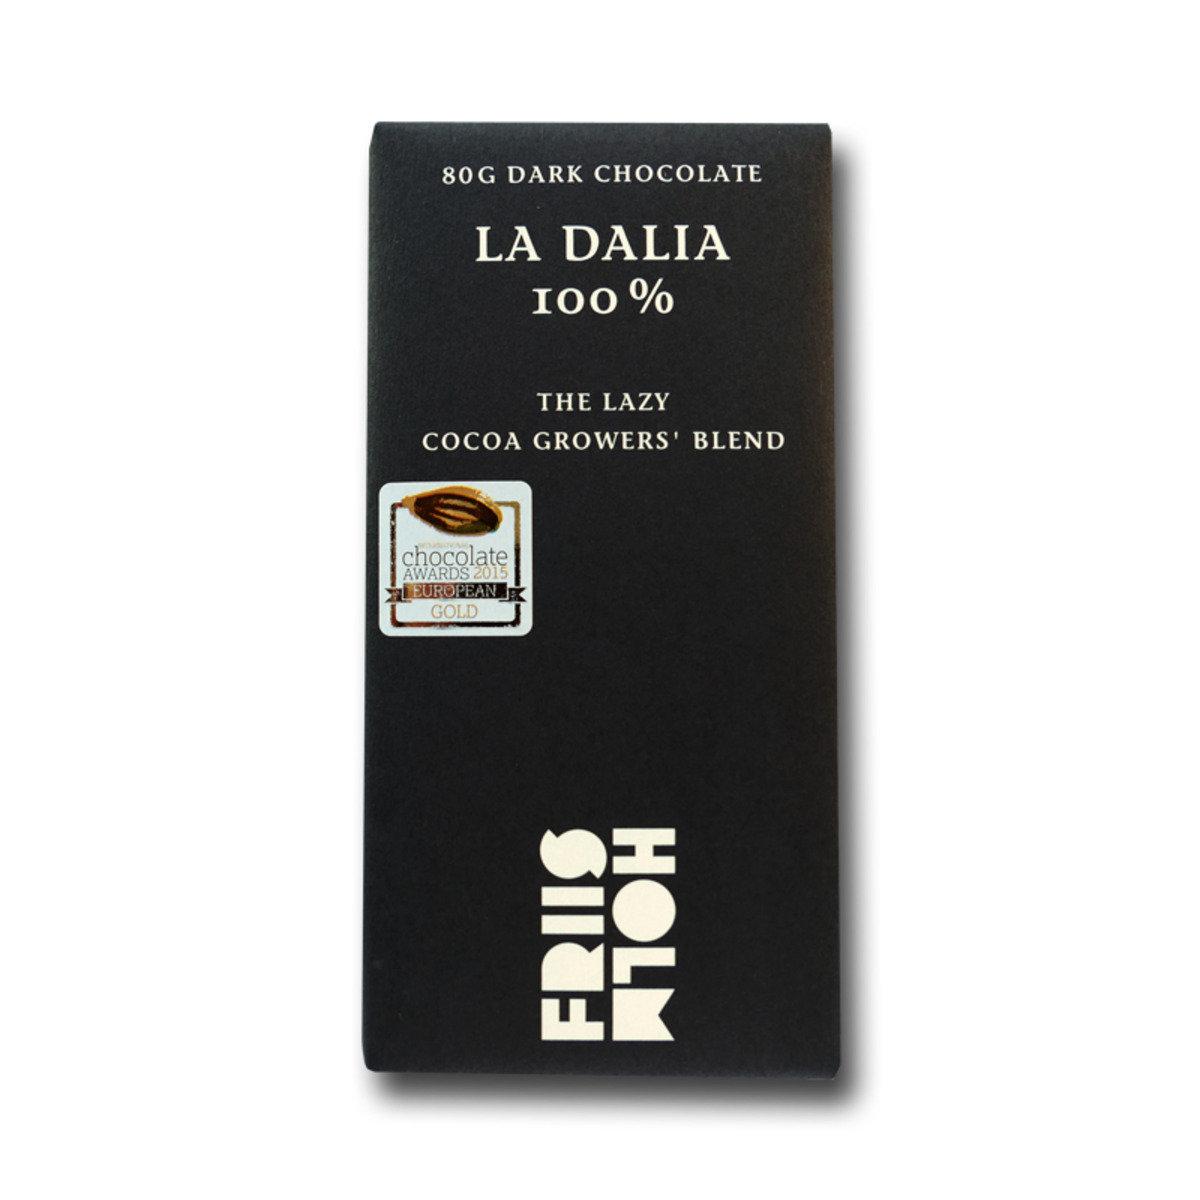 La Dalia 100% (尼加拉瓜) (懶惰可可樹農民併配)